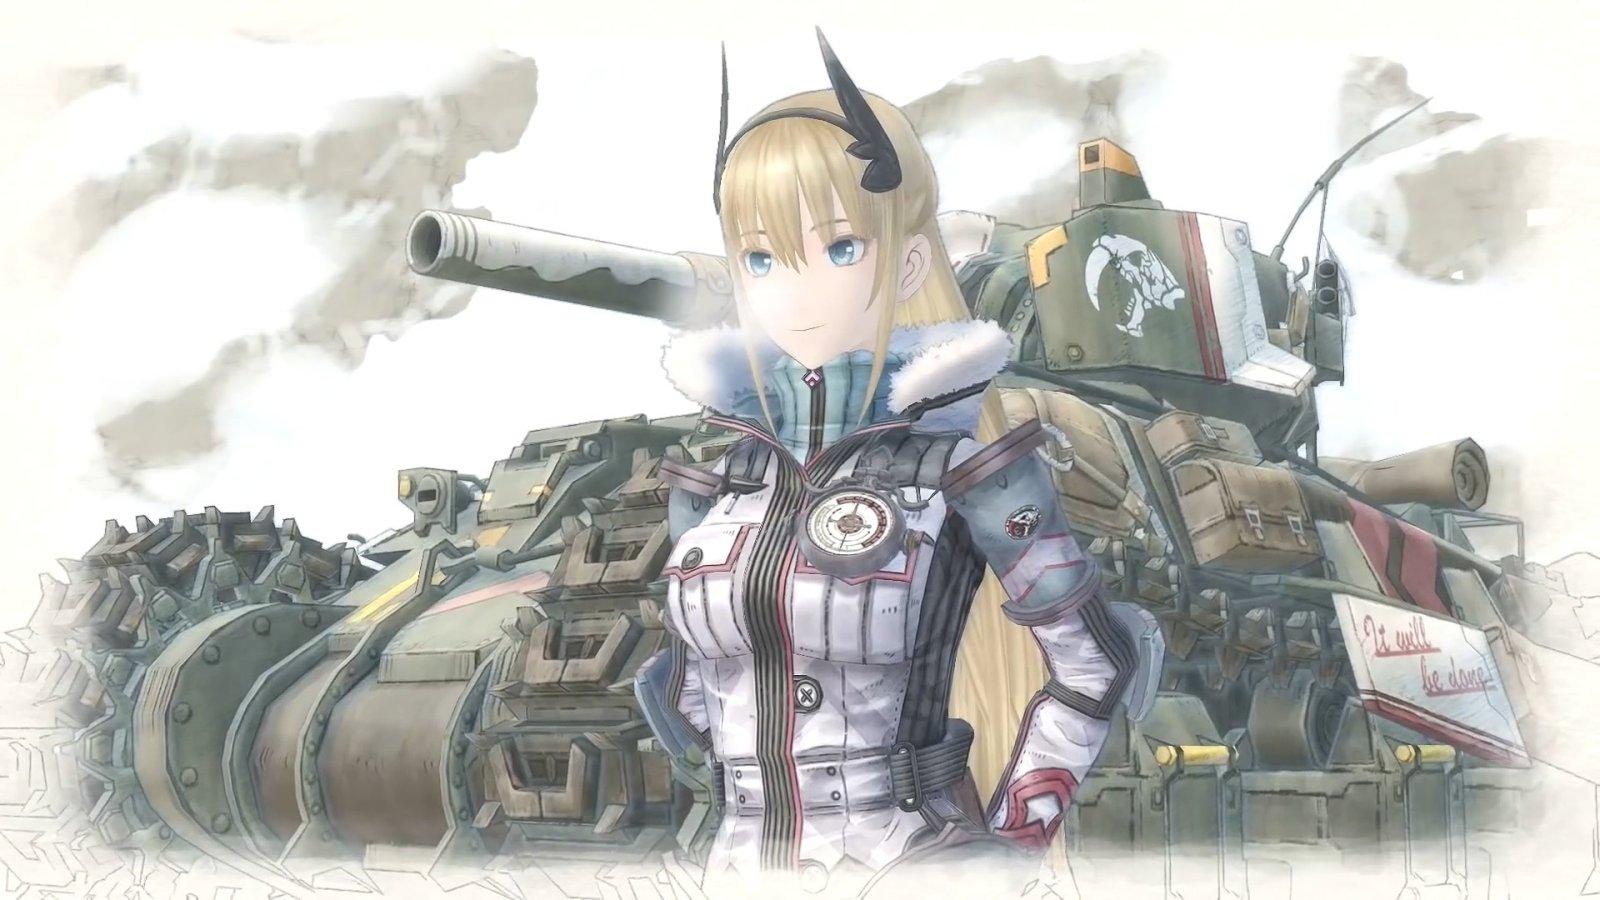 NS中文版9月27日发售,《战场女武神4》NS版预告公开